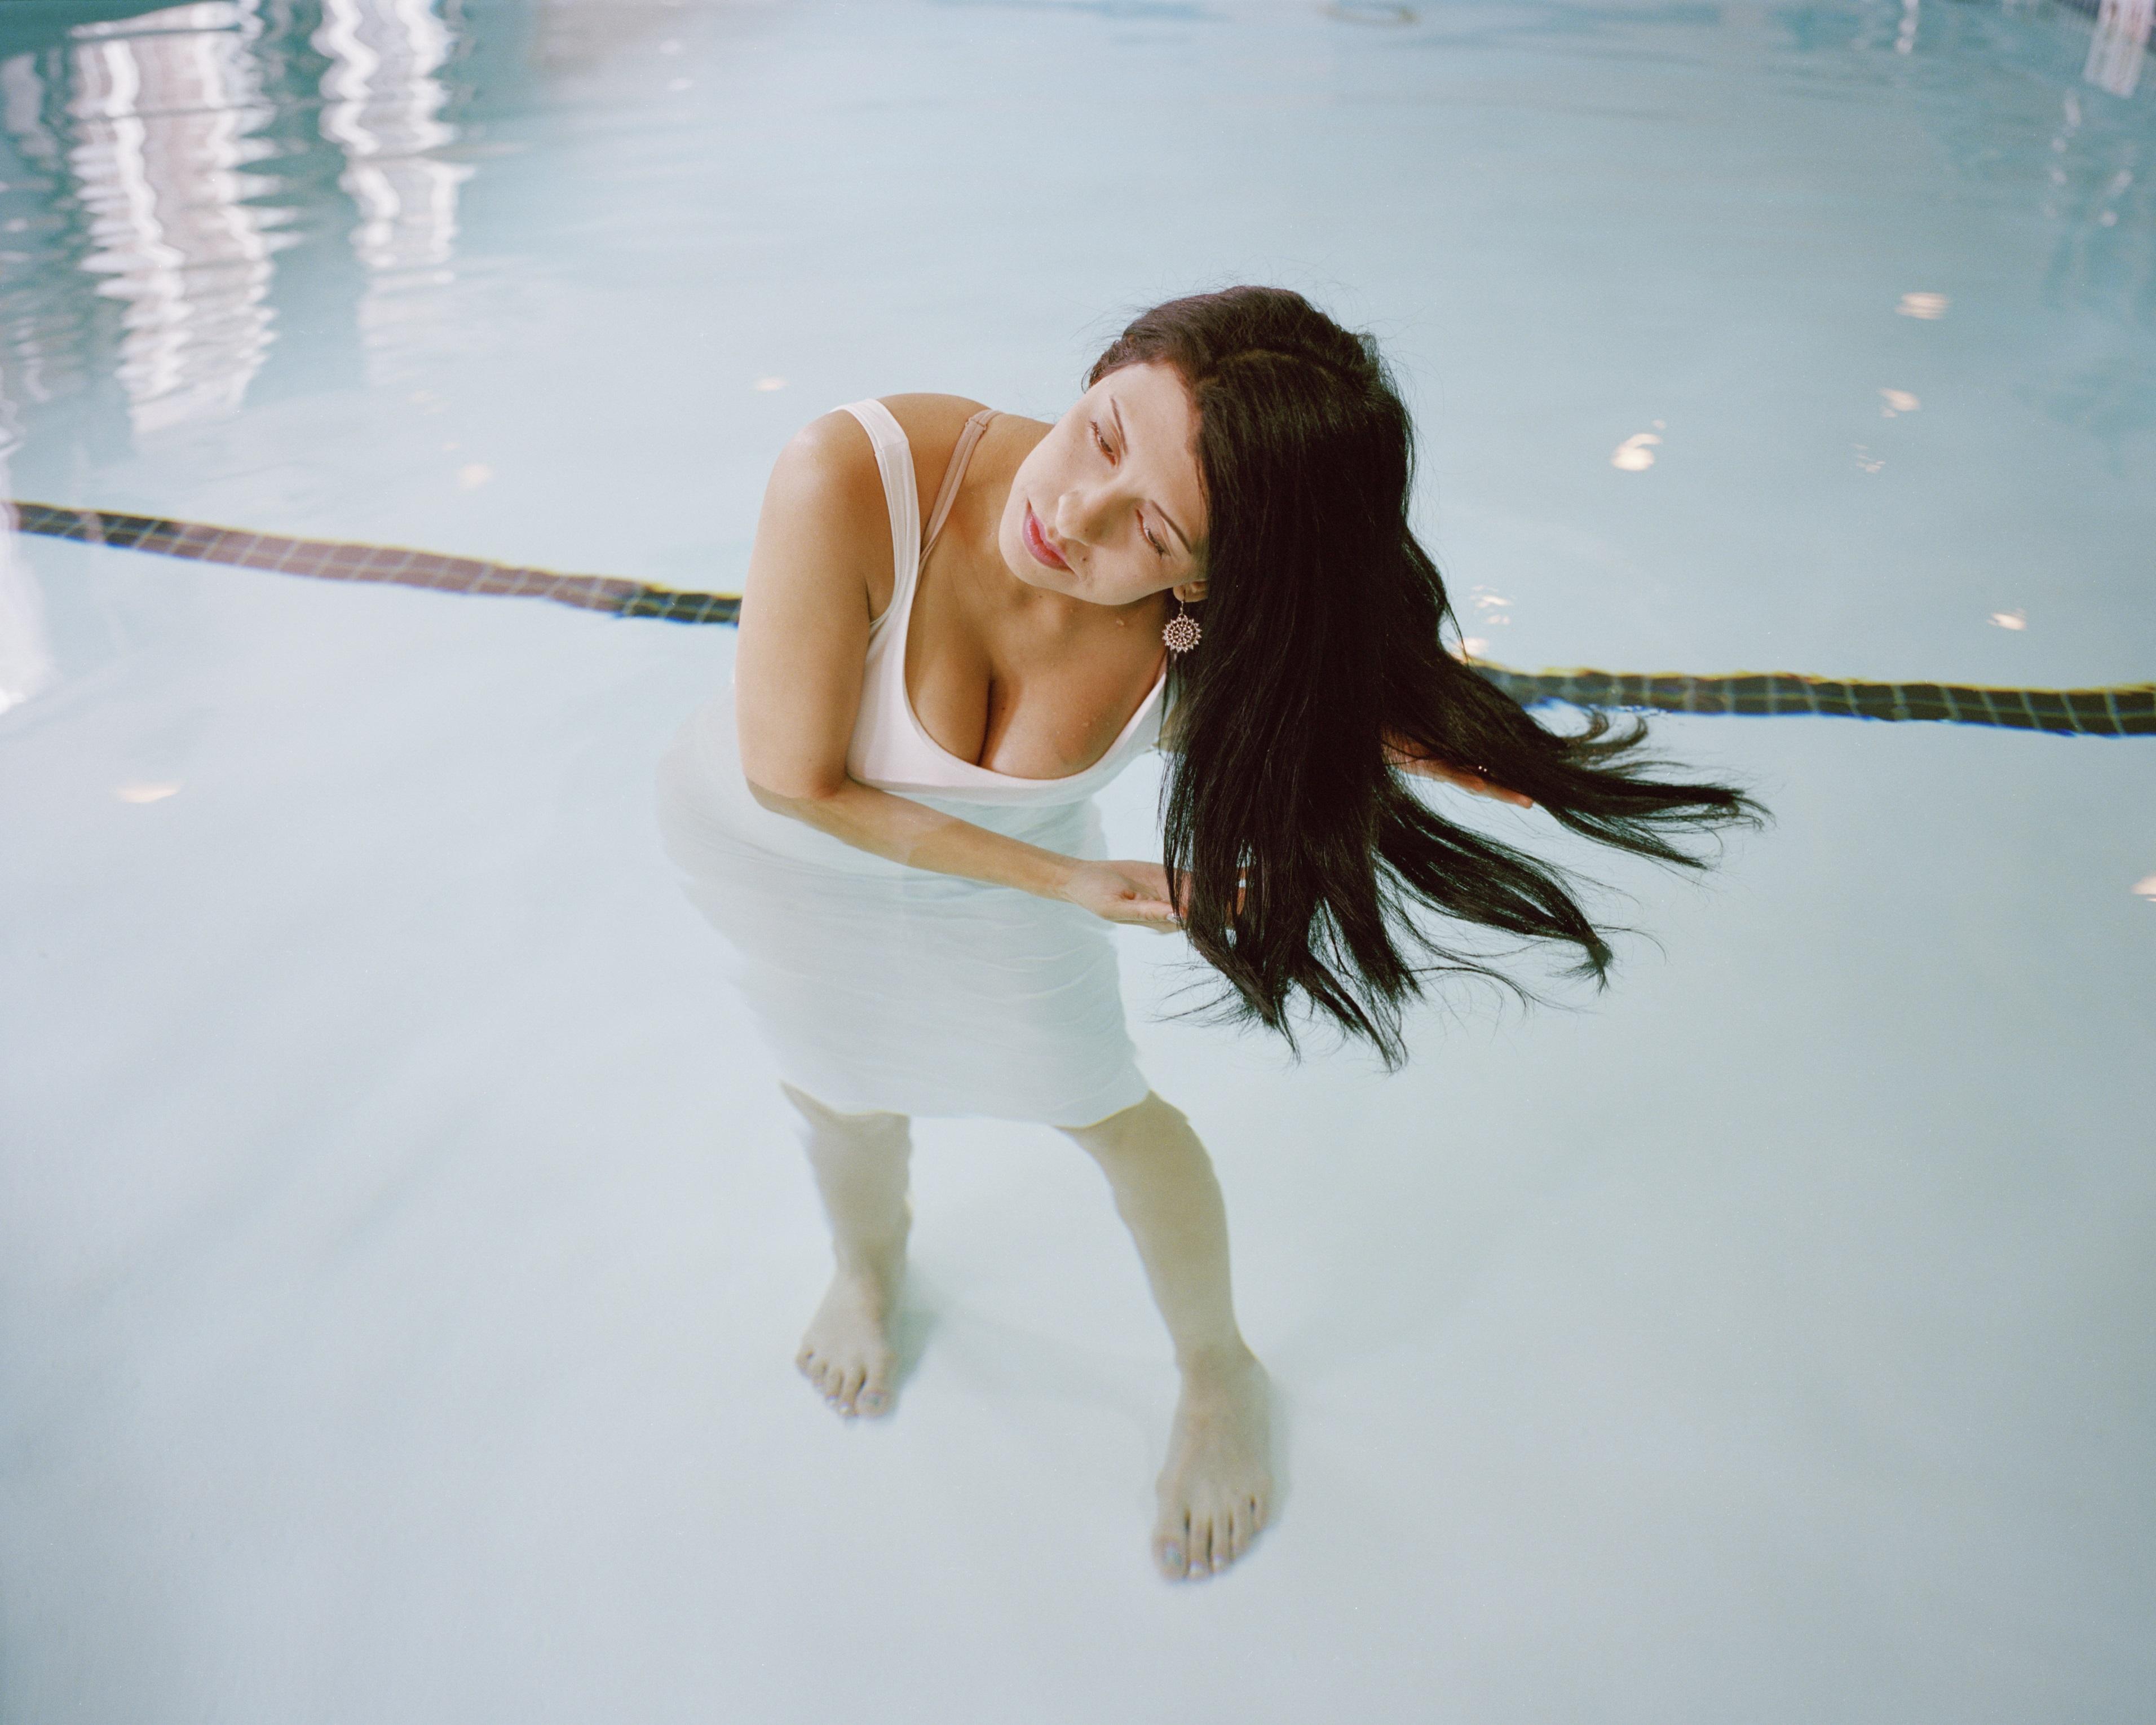 Shelli Weiler: Marie (Patina című sorozat), 2021 © Shelli Weiler